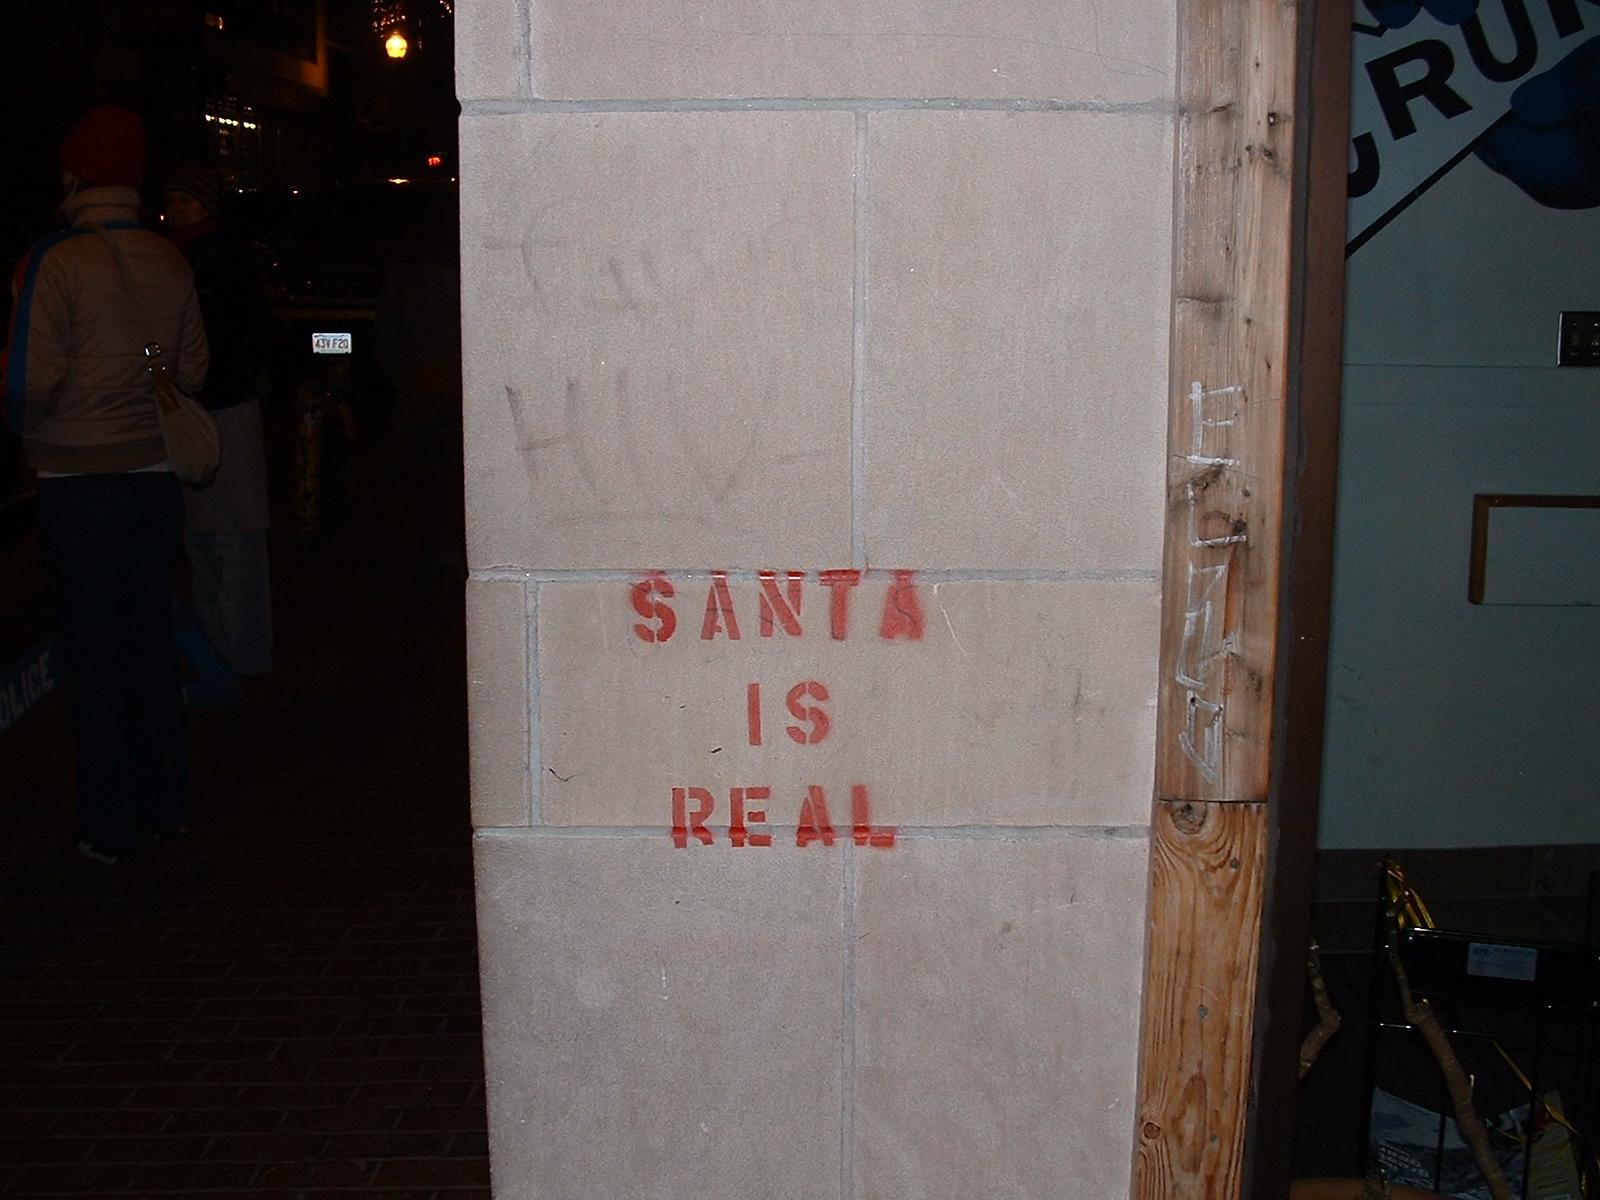 santa is real.